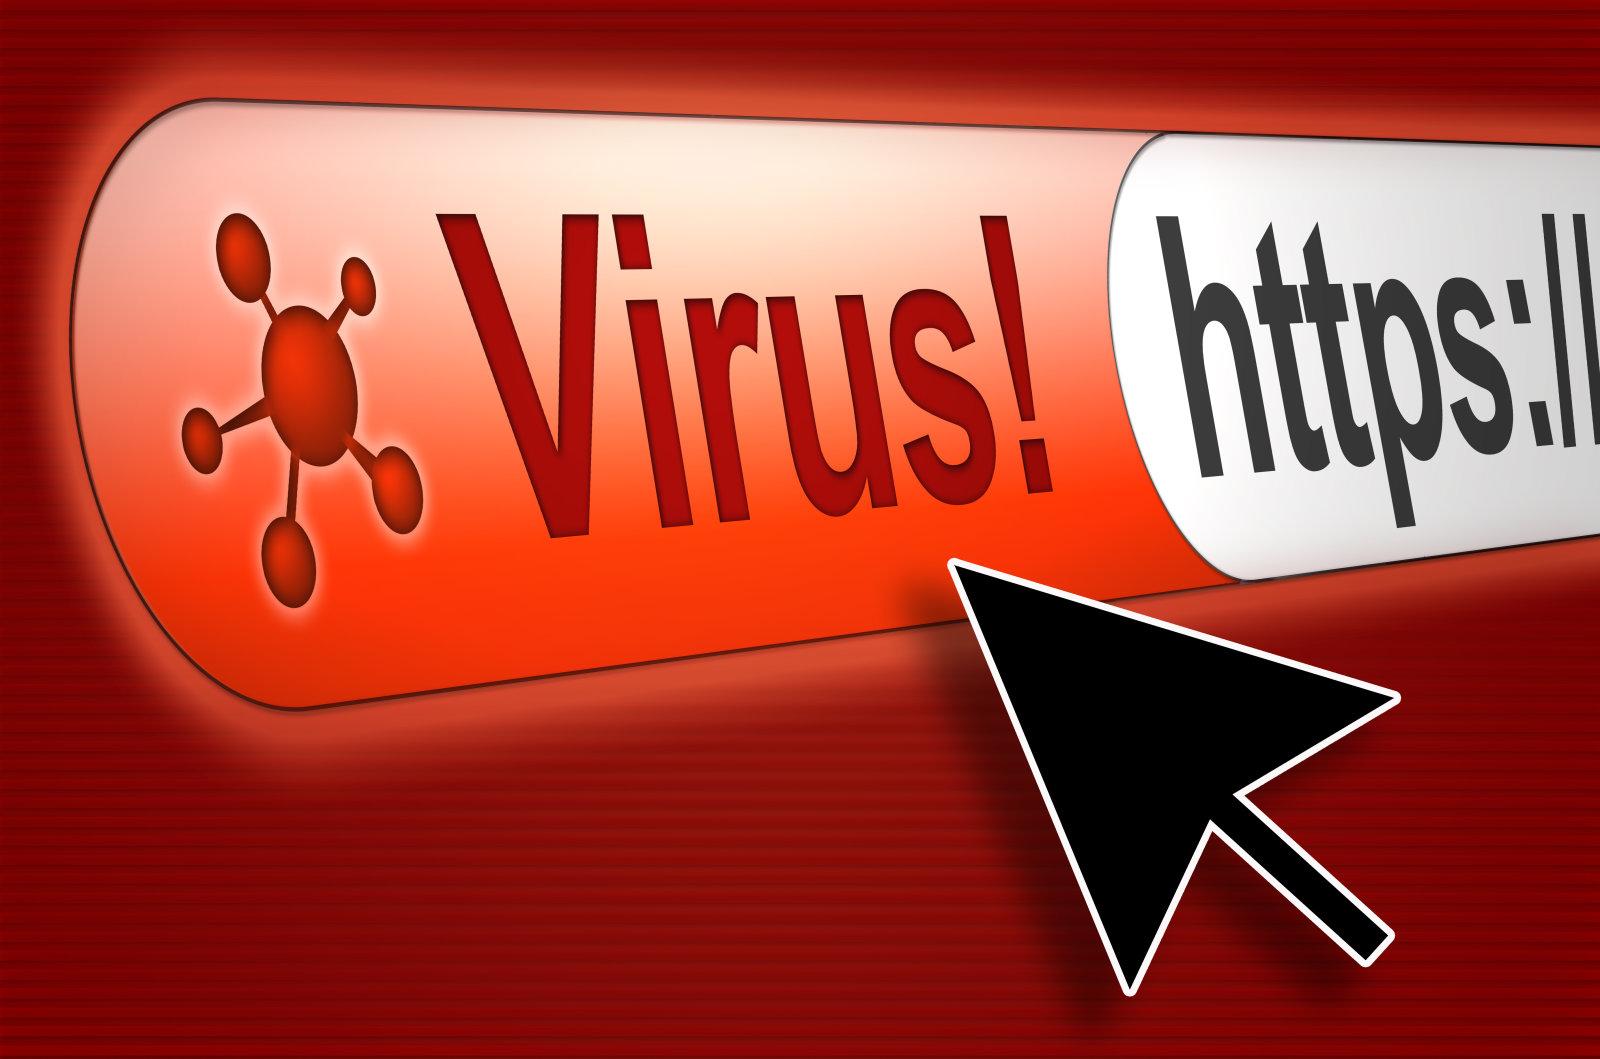 Эксперты по кибербезопасности обнаружили новый тип вирусов, загружающихся на компьютер «без единого щелчка мыши»